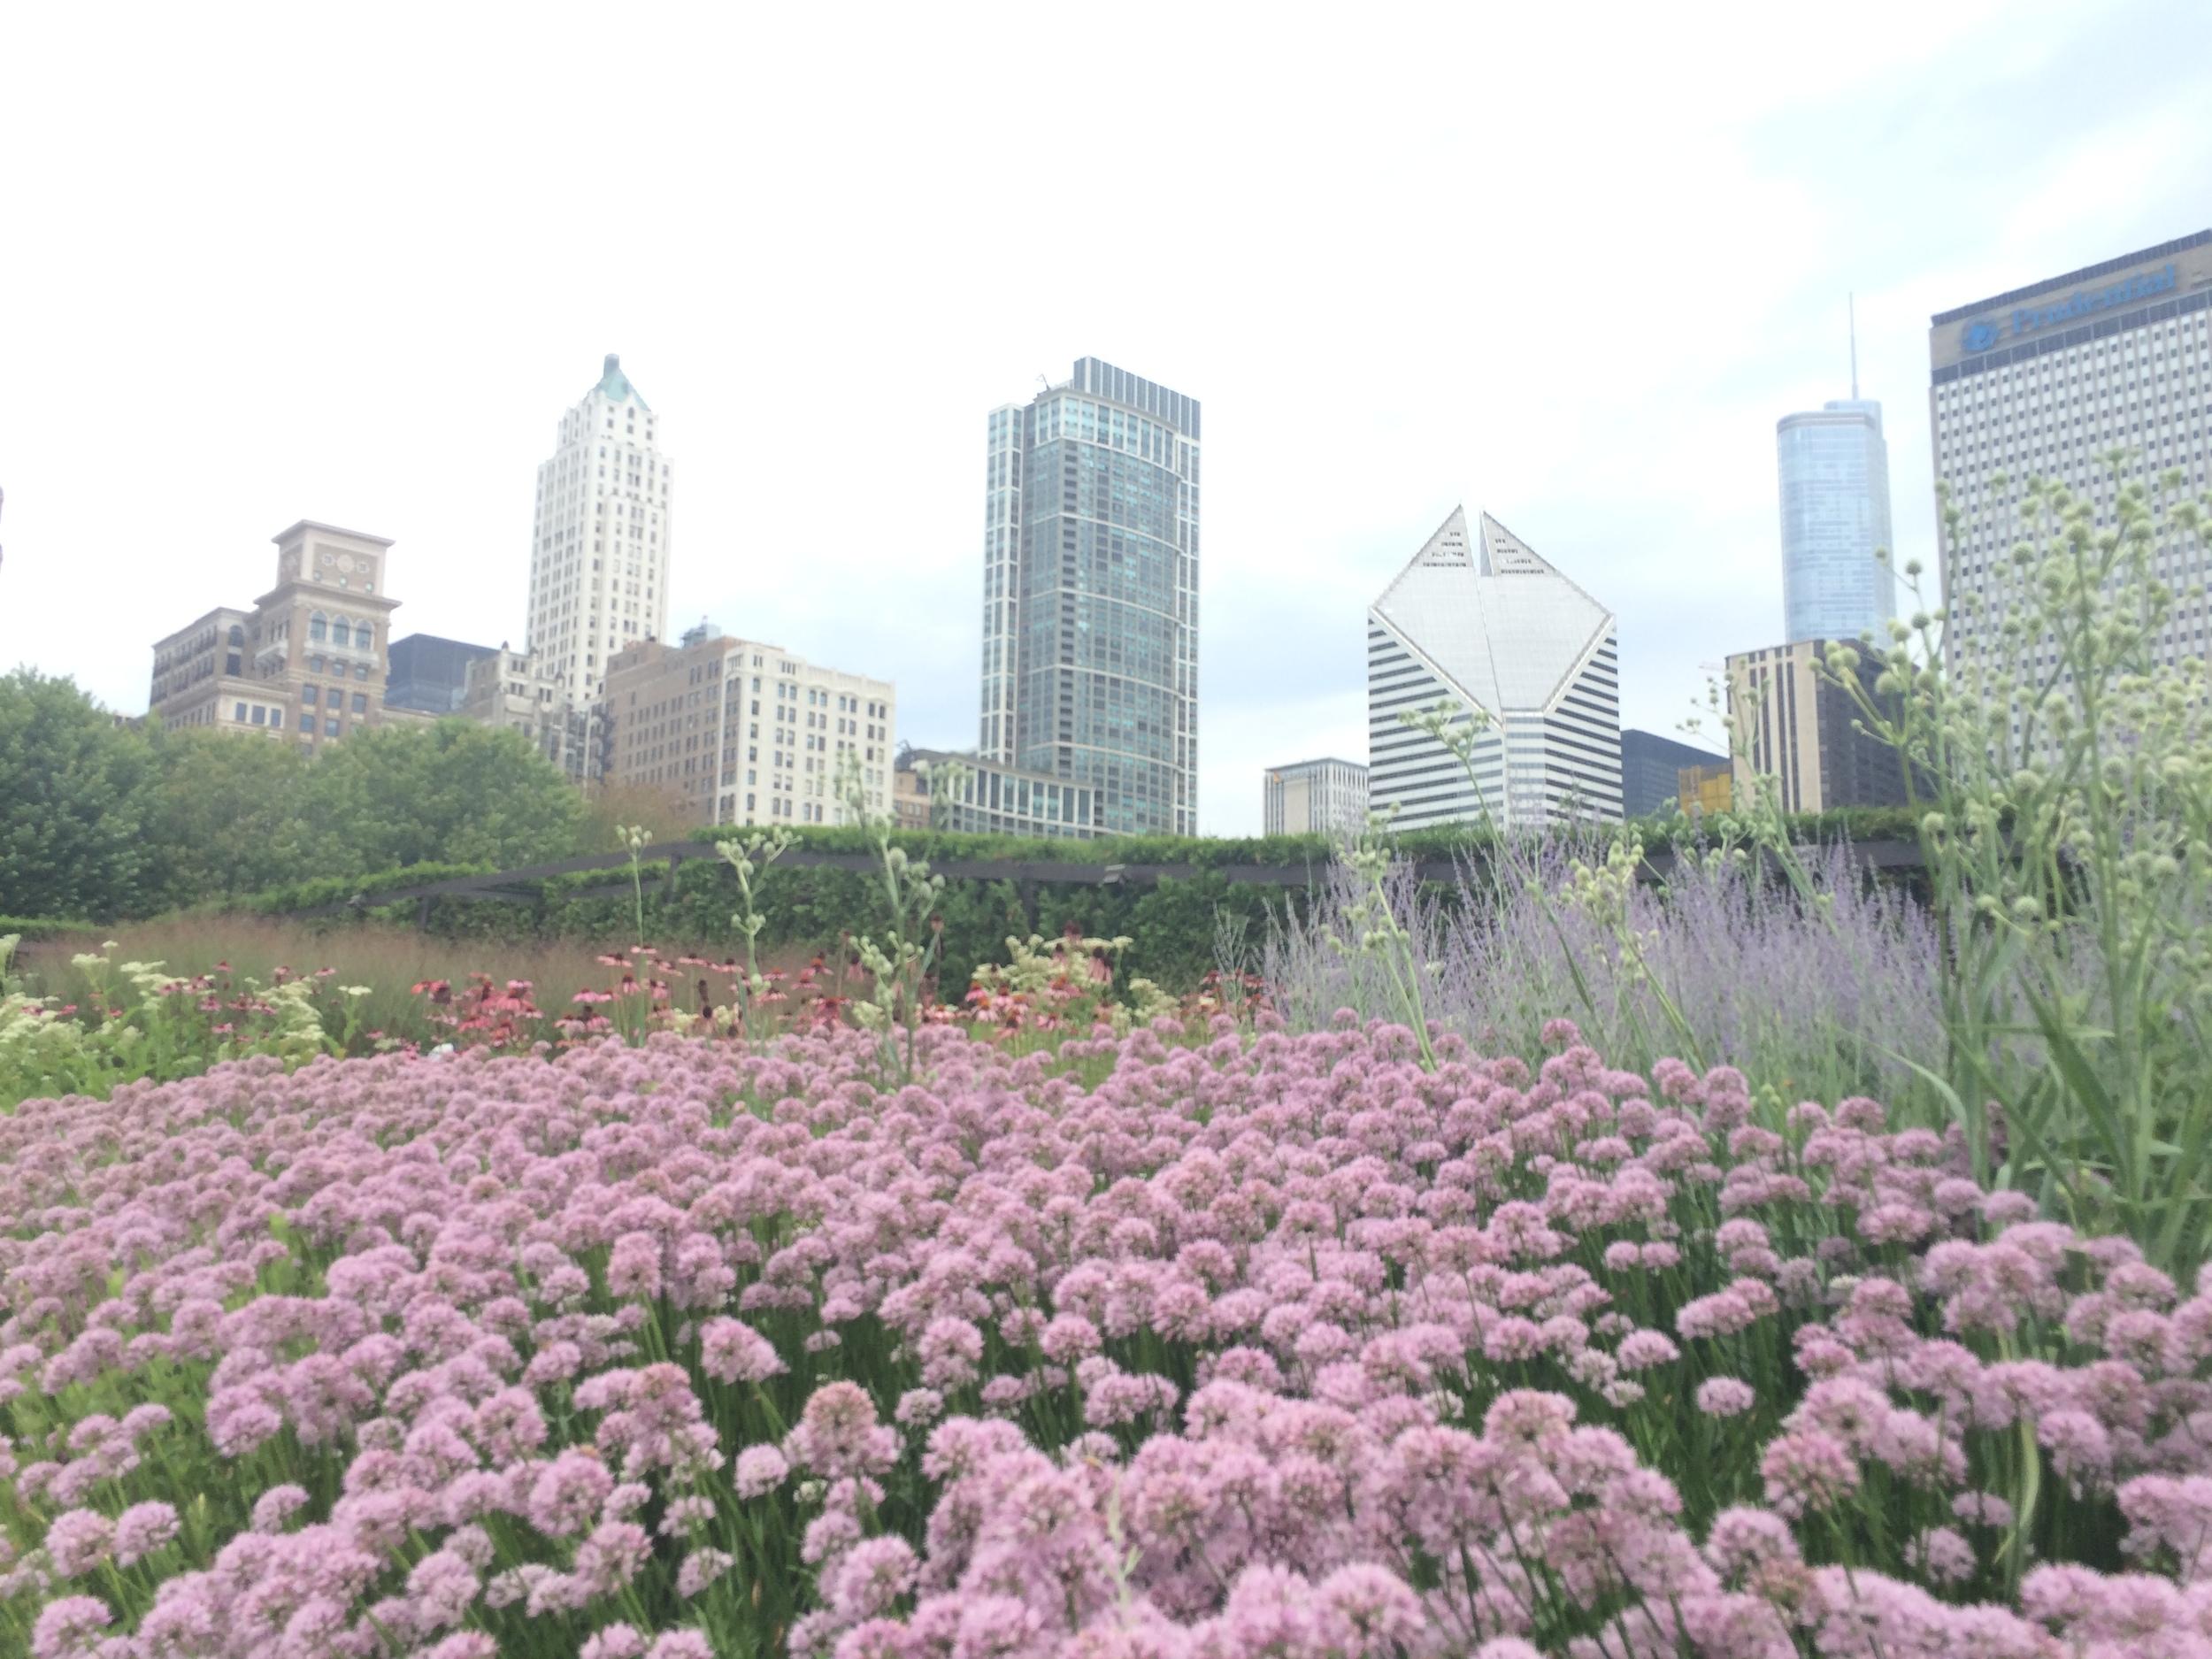 O   Lurie Garden   fica logo depois do  The Bean  e da Concha Acústica do Millennium Park, entre eles e o Art Institute. Tem de ficar atento pra ver a entradinha pra ele, que parece um labirinto. E lá estavam flores de todos os tipos, insetos e gente, tudo isso aliado a um clima gostoso nem frio e nem calor demais.